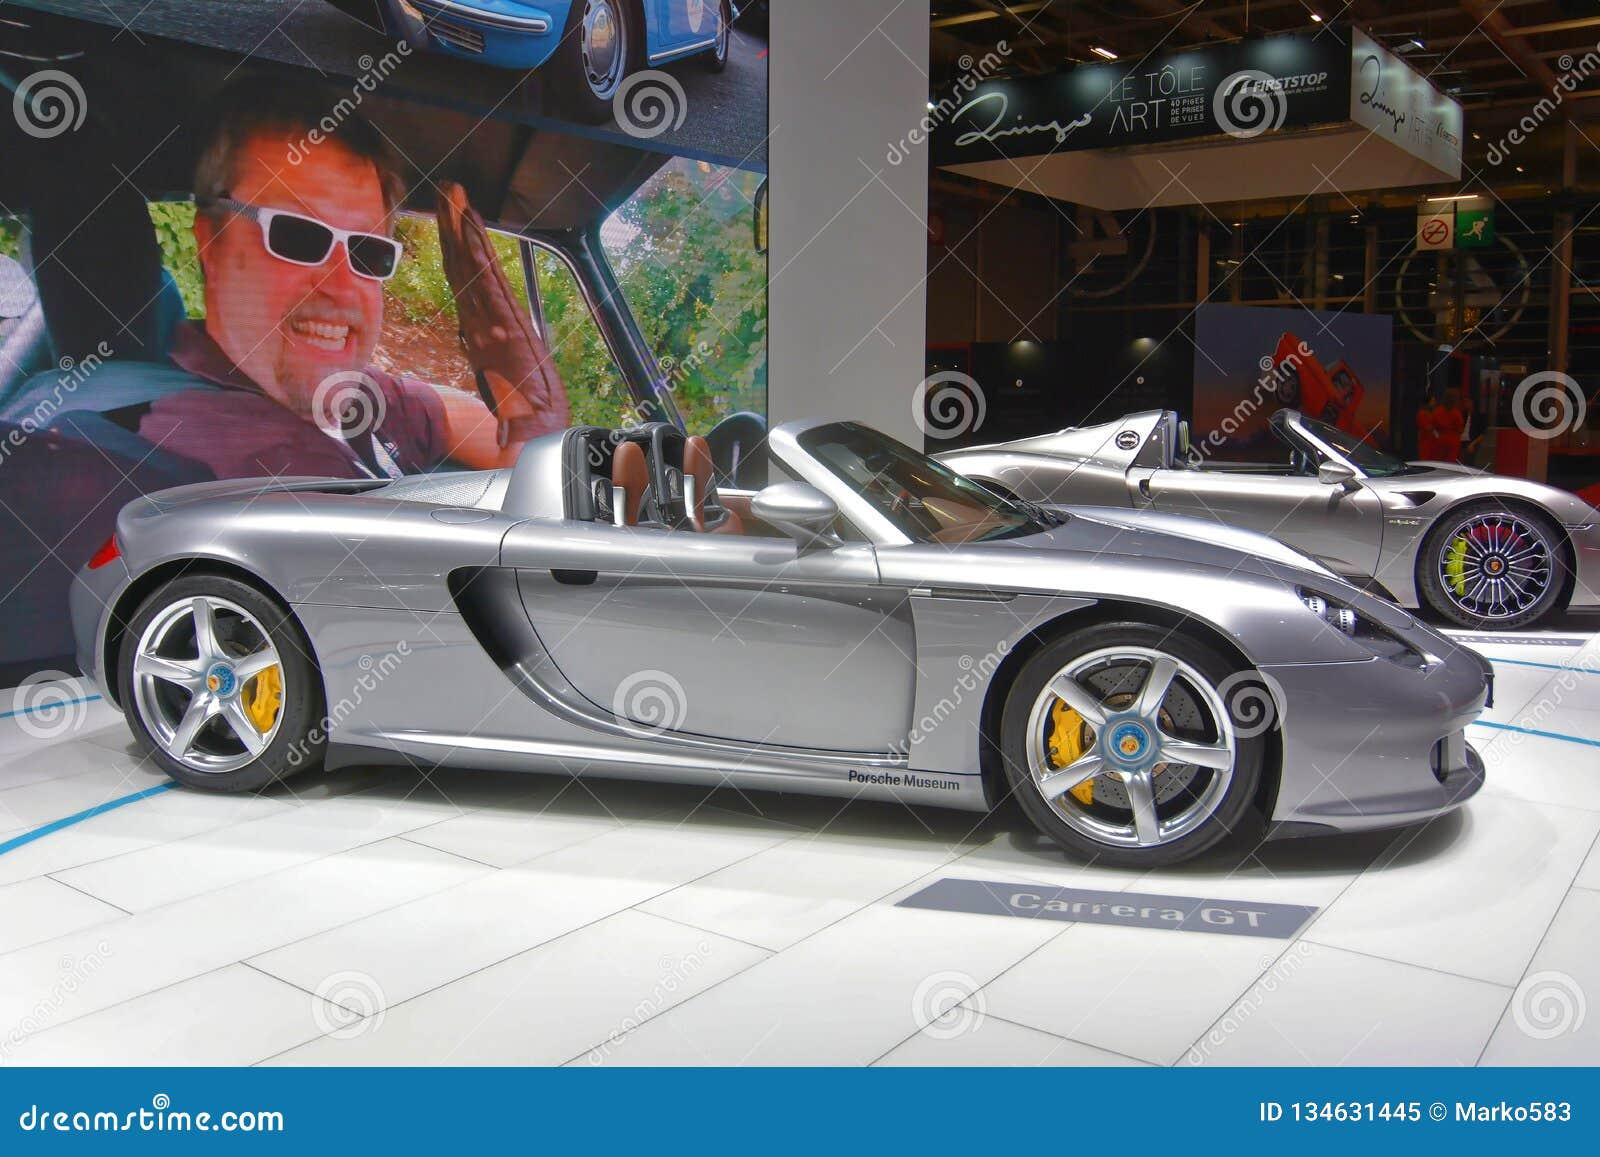 Porsche Carrera Gt Engine